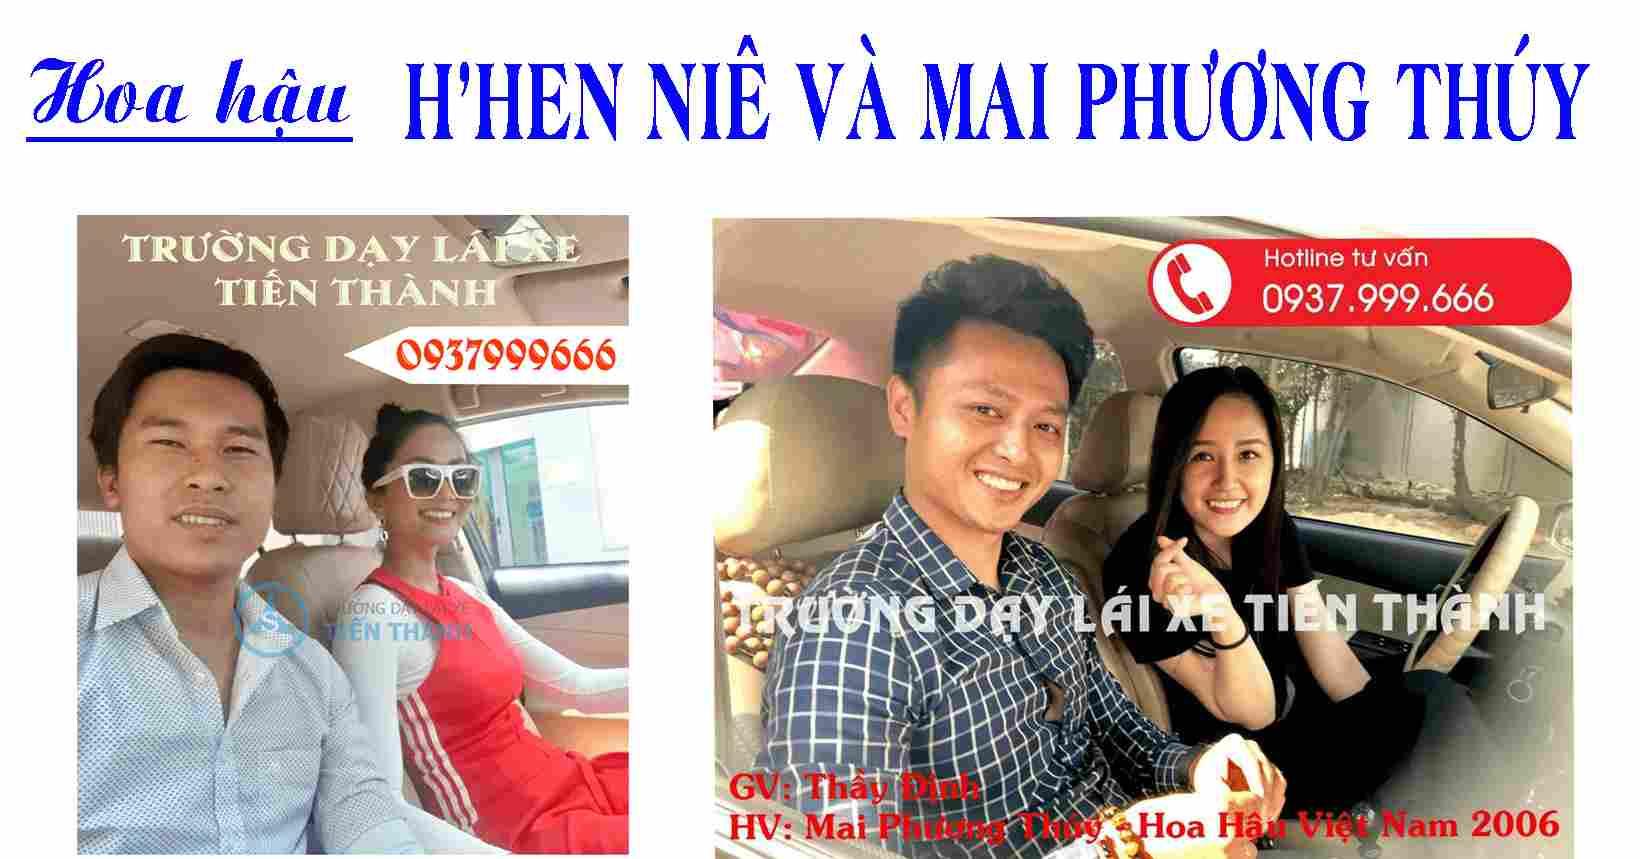 Hoa hậu H Hen Nie và Mai Phương Thúy là học viên trường Tiến Thành Q7